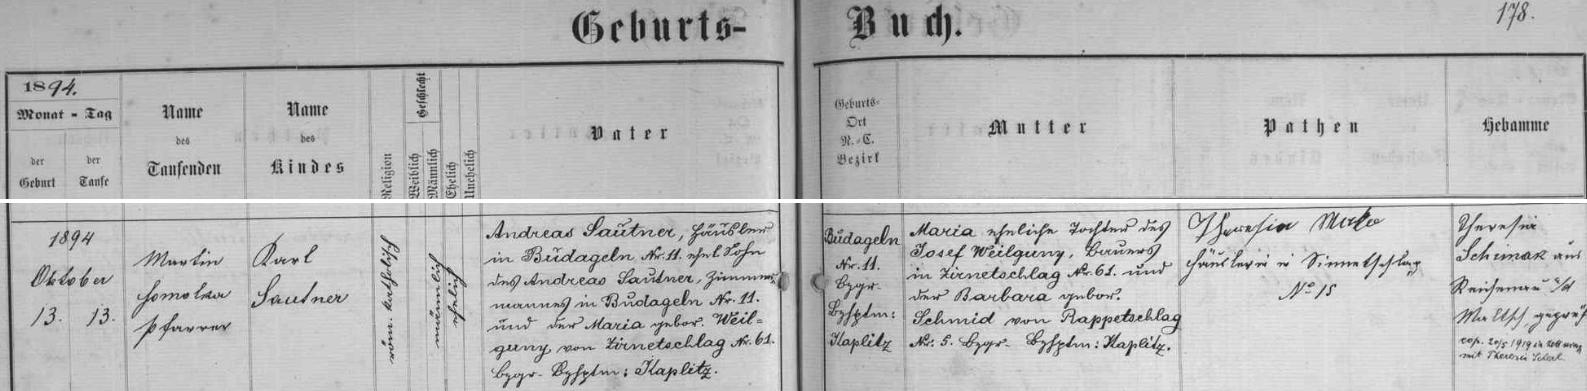 Záznam křestní matriky farní obce Rychnov nad Malší o narození otcově 13. října roku 1894 (ještě téhož dne byl v rychnovském kostele sv. Ondřeje i pokřtěn farářem Martinem Homolkou) v Budákově (německy Budageln, dnes část obce Dolní Dvořiště) čp. 11, kde tehdy žil i jeho otec Andreas (a předtím i děd a otcův jmenovec Andreas Sautner se svou ženou Marií, roz. Weilgunyovou z Bělé /Ziernetschlag/ čp. 61) s manželkou  a jmenovkyní své matky Marií, dcerou Josefa Weilgunyho z Bělé čp. 61 a Barbary, roz. Schmidové z Rapotic (Rappetschlag) čp. 5